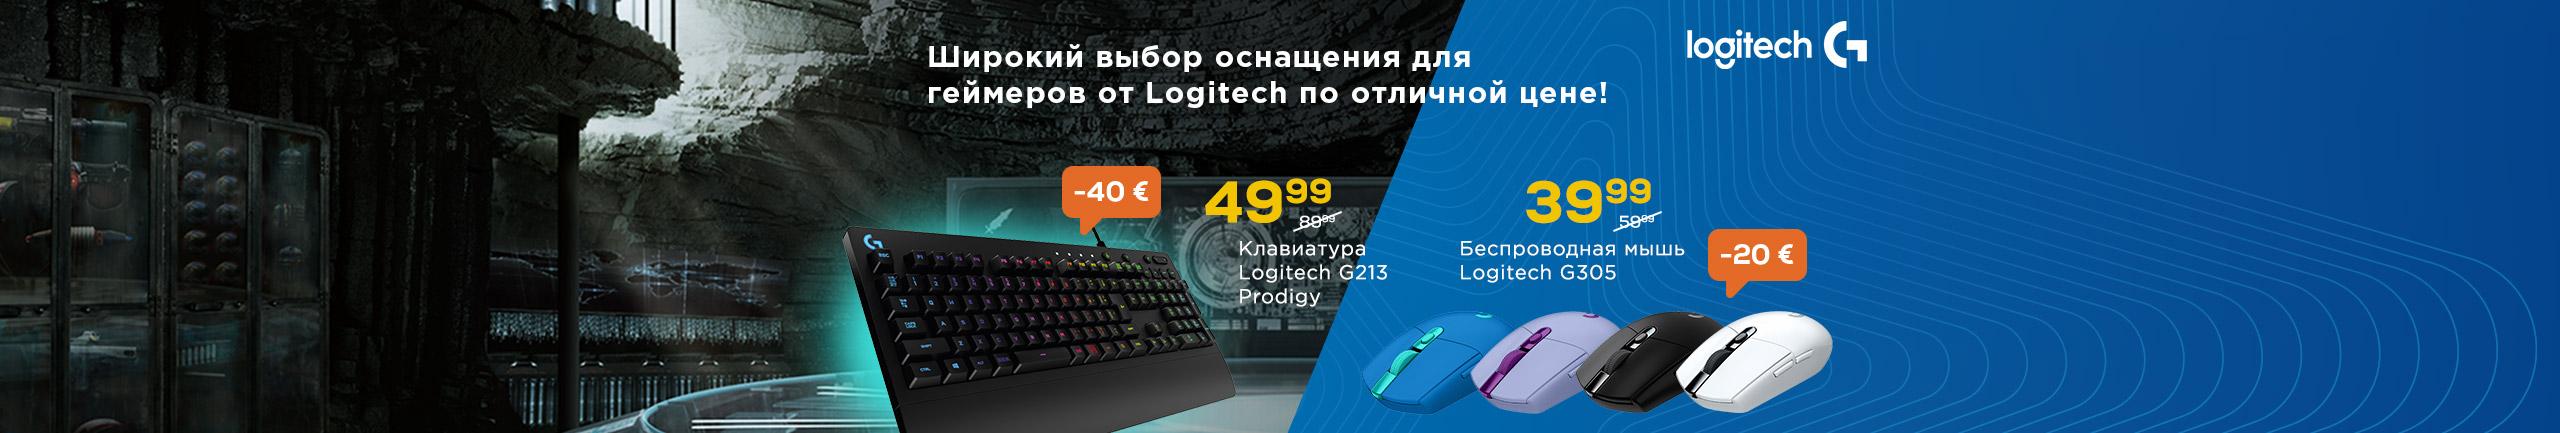 Широкий выбор оснащения для геймеров от Logitech по отличной цене!